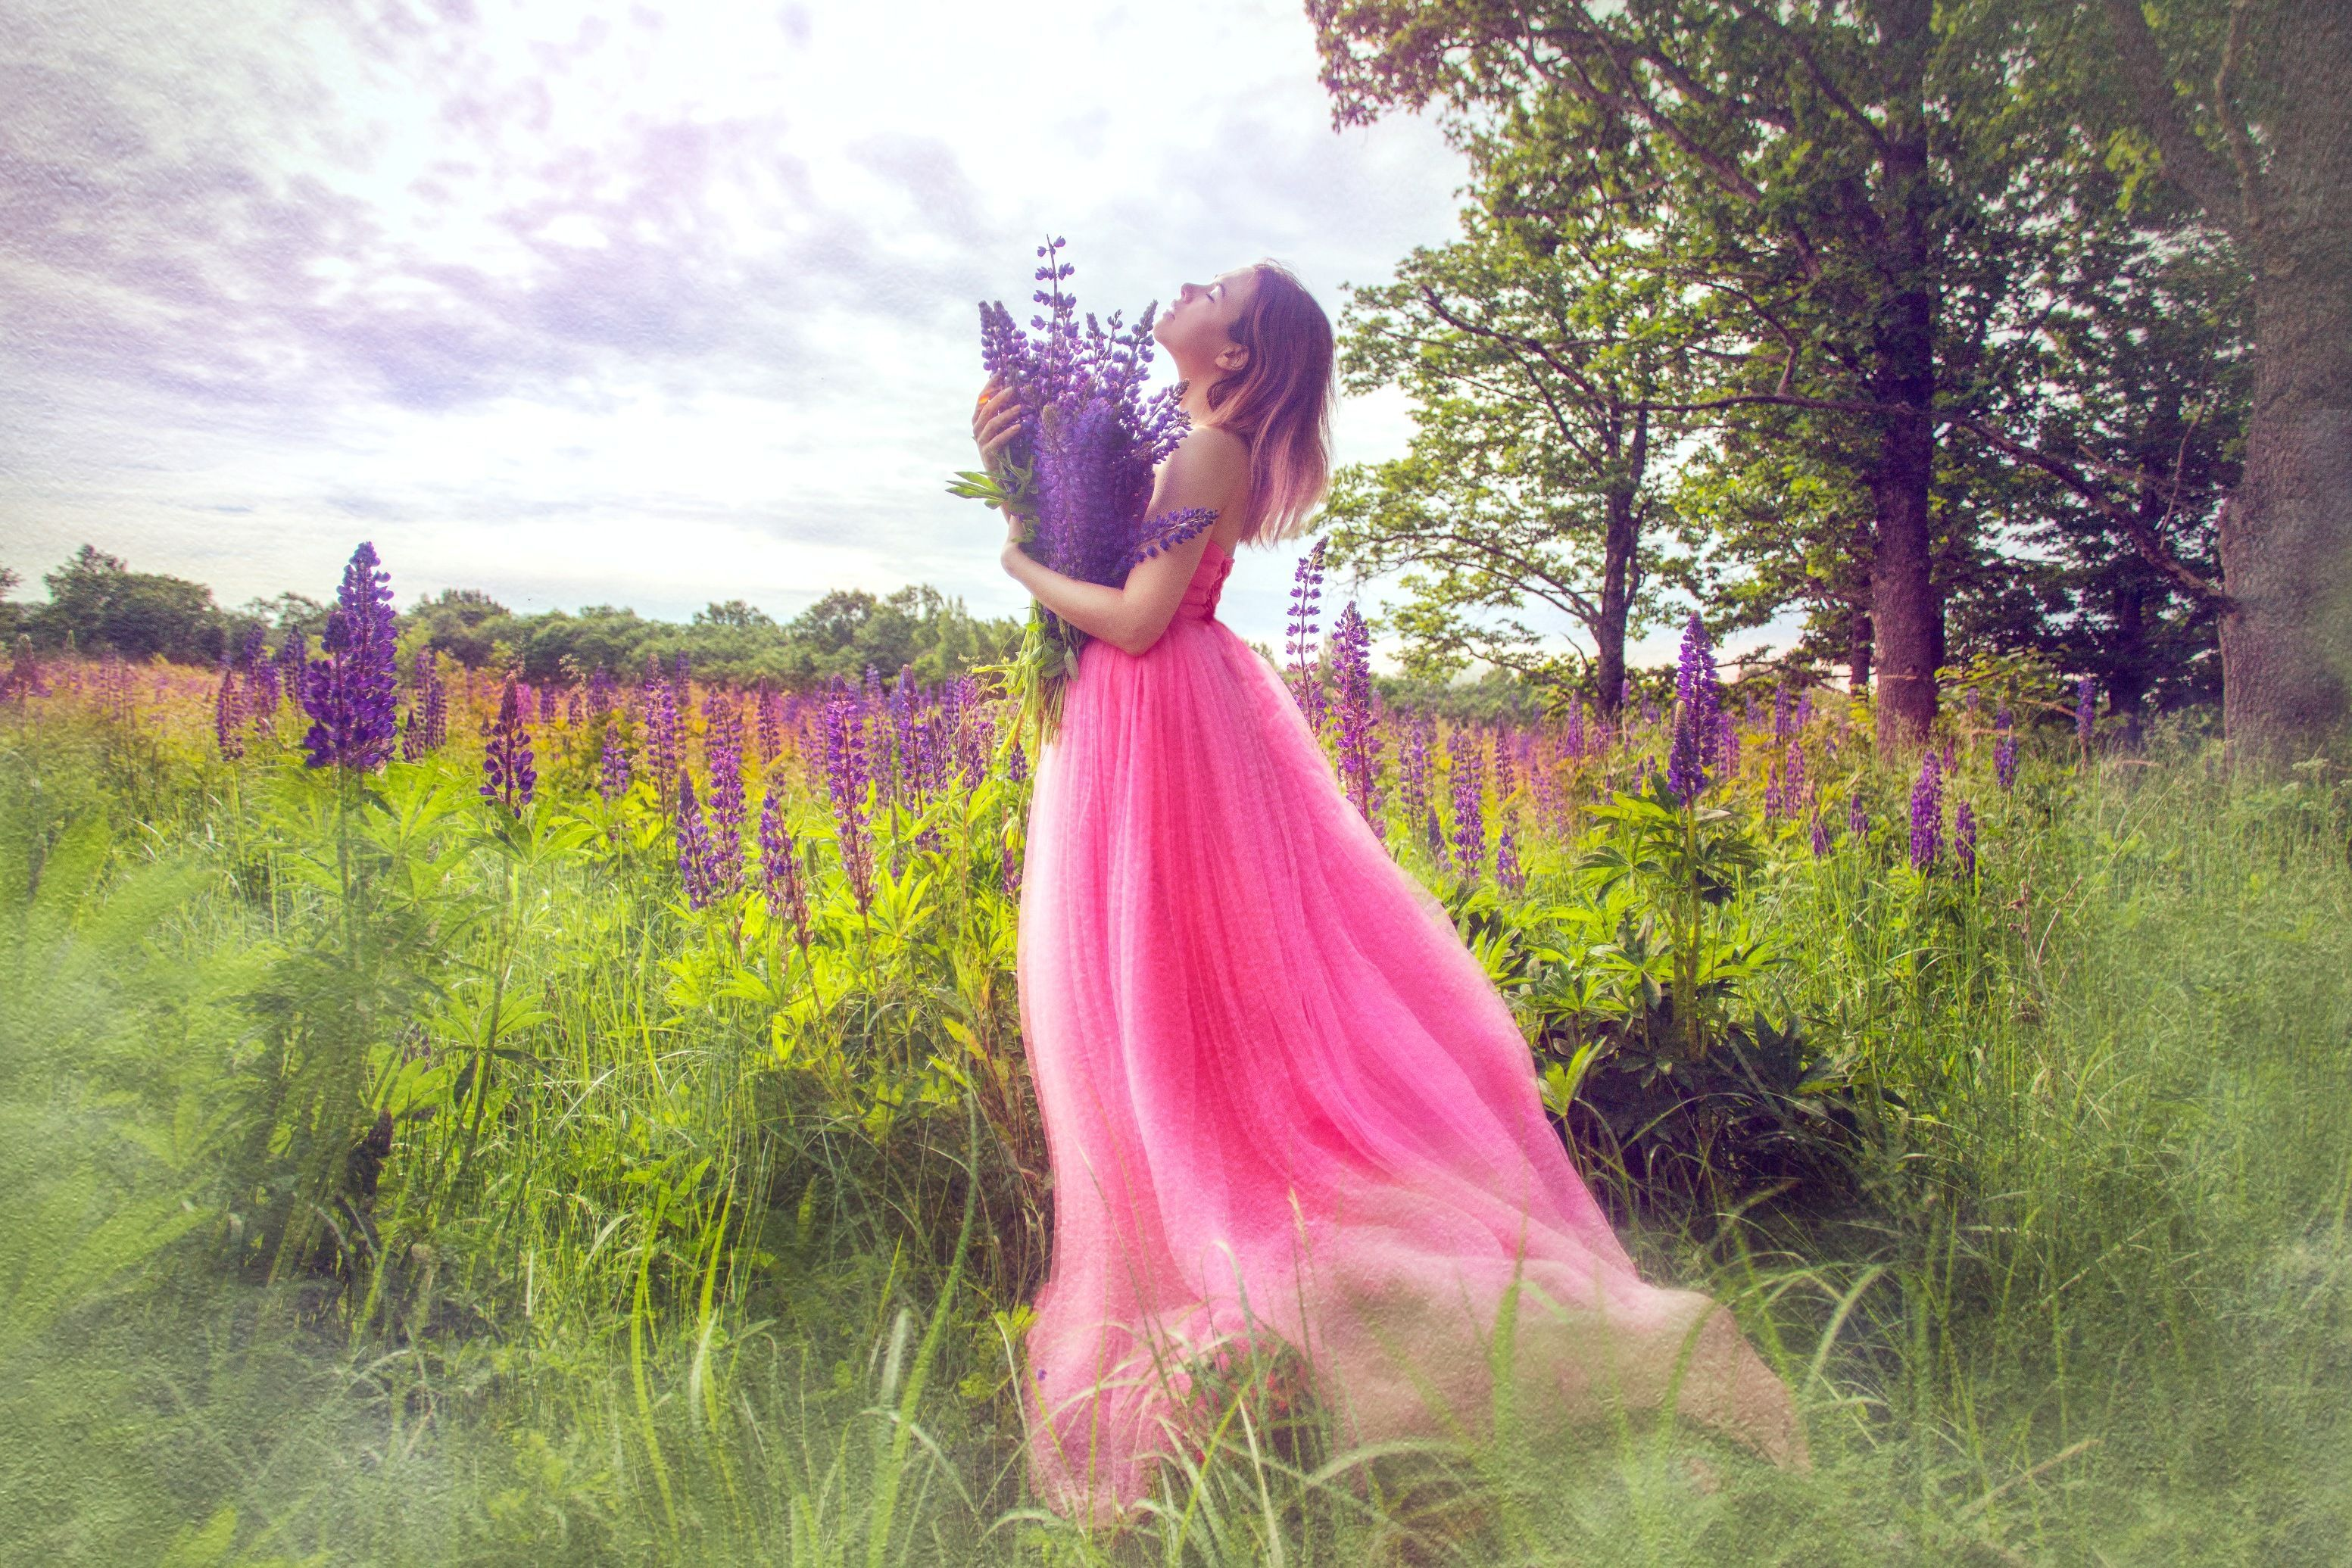 Красивые девушки в розовом платье, девчонки фото топлесс